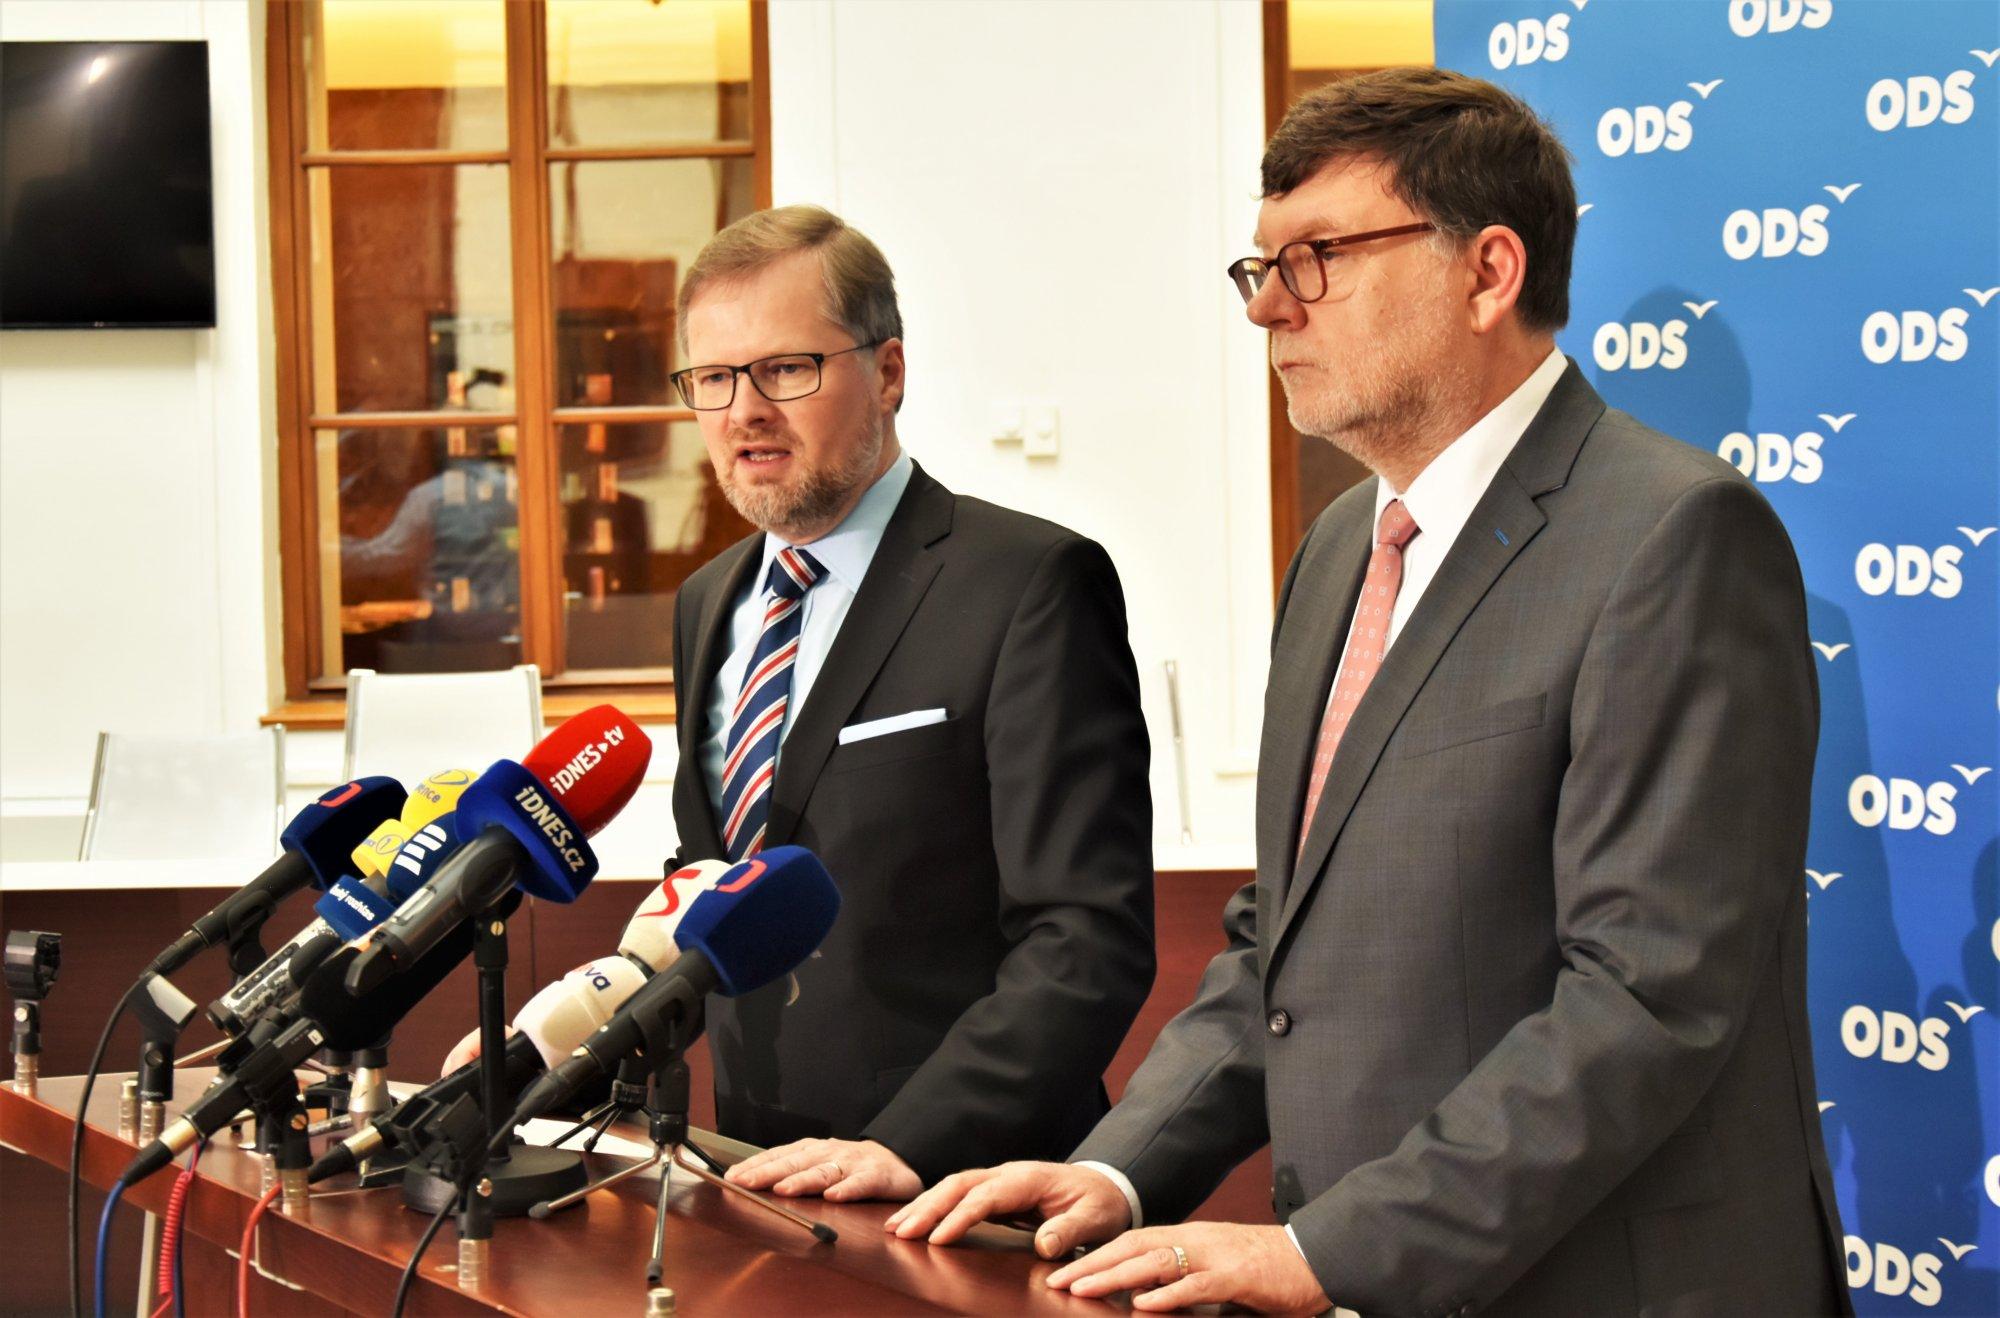 ODS: Vláda bez důvěry nesmí provádět zásadní personální změny